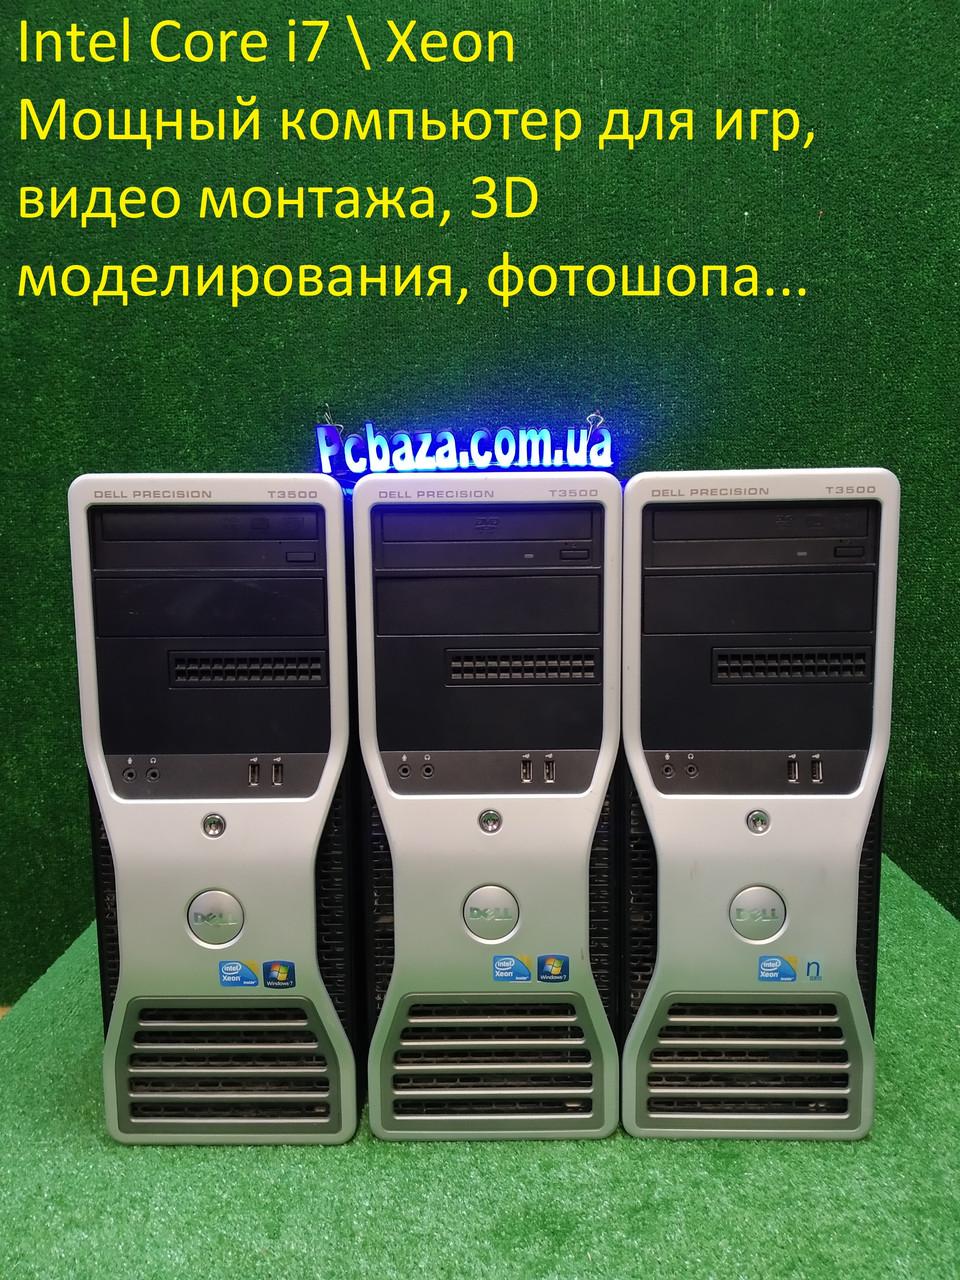 ПК Dell T3500\  Intel Core i7\ Xeon, 8 логических ядер \ 12 ГБ ОЗУ \